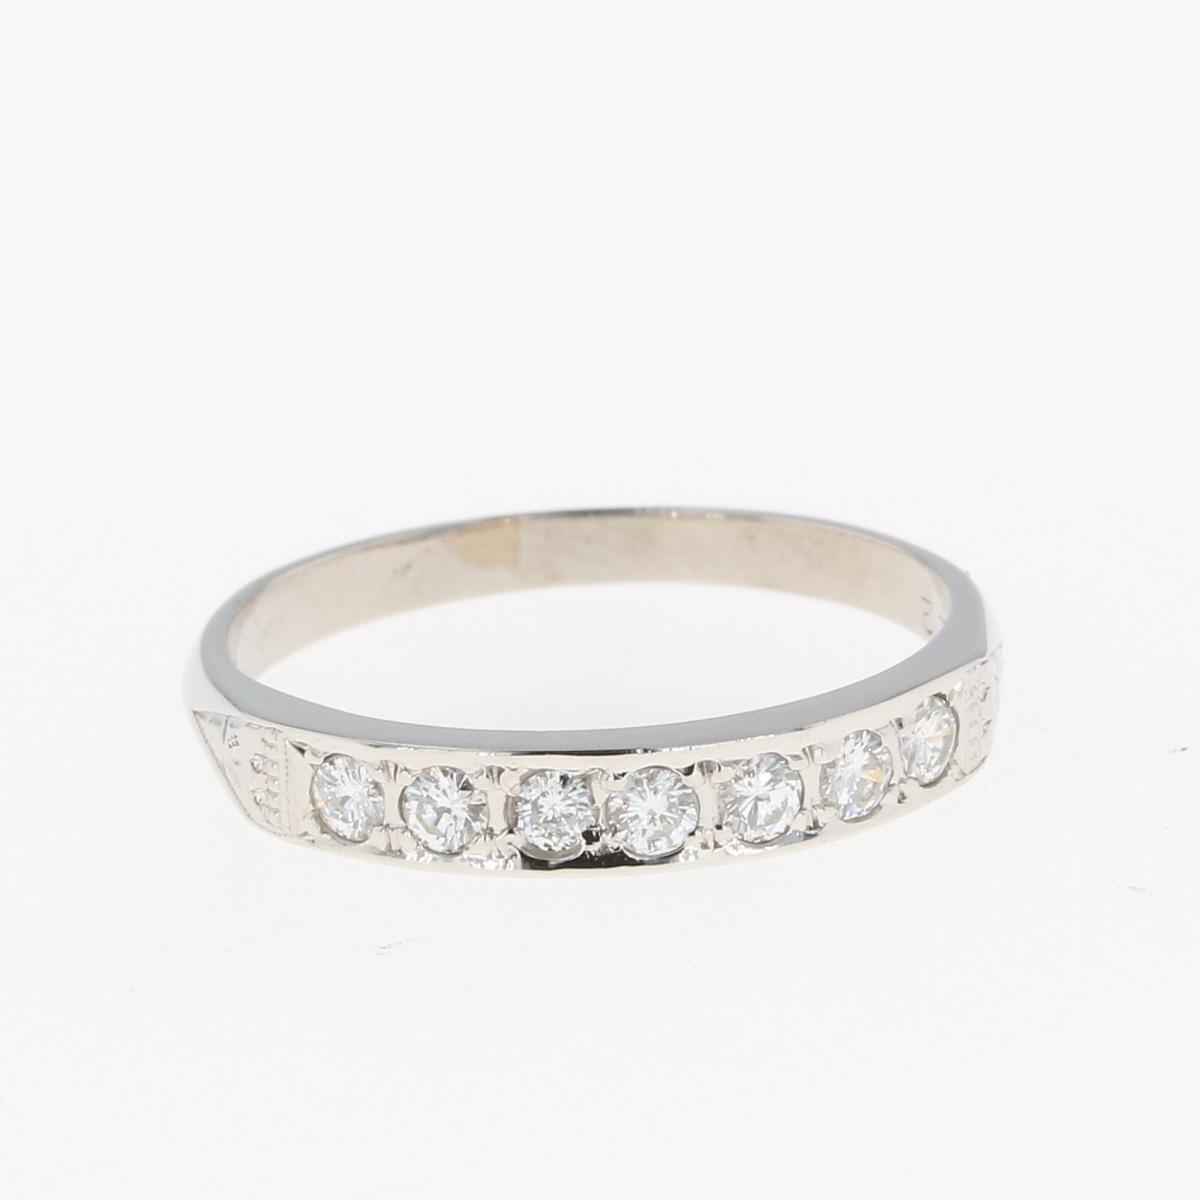 日本限定 USED 送料無料 メレダイヤ デザインリング プラチナ 指輪 中古 ダイヤモンド レディース 12号 リング 情熱セール Pt900